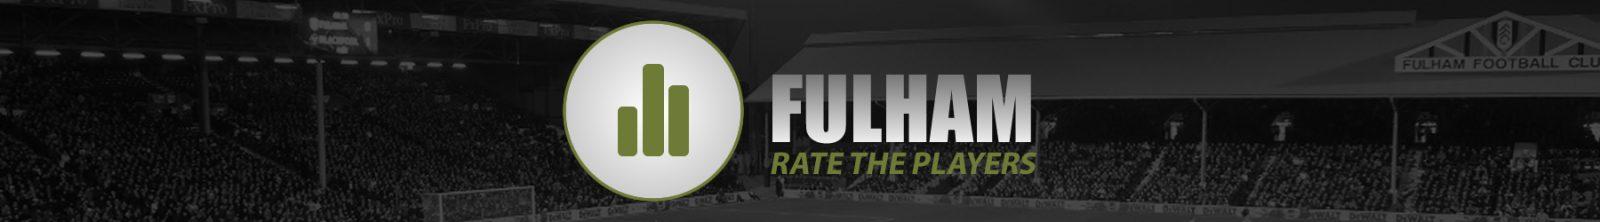 Rate Fulham